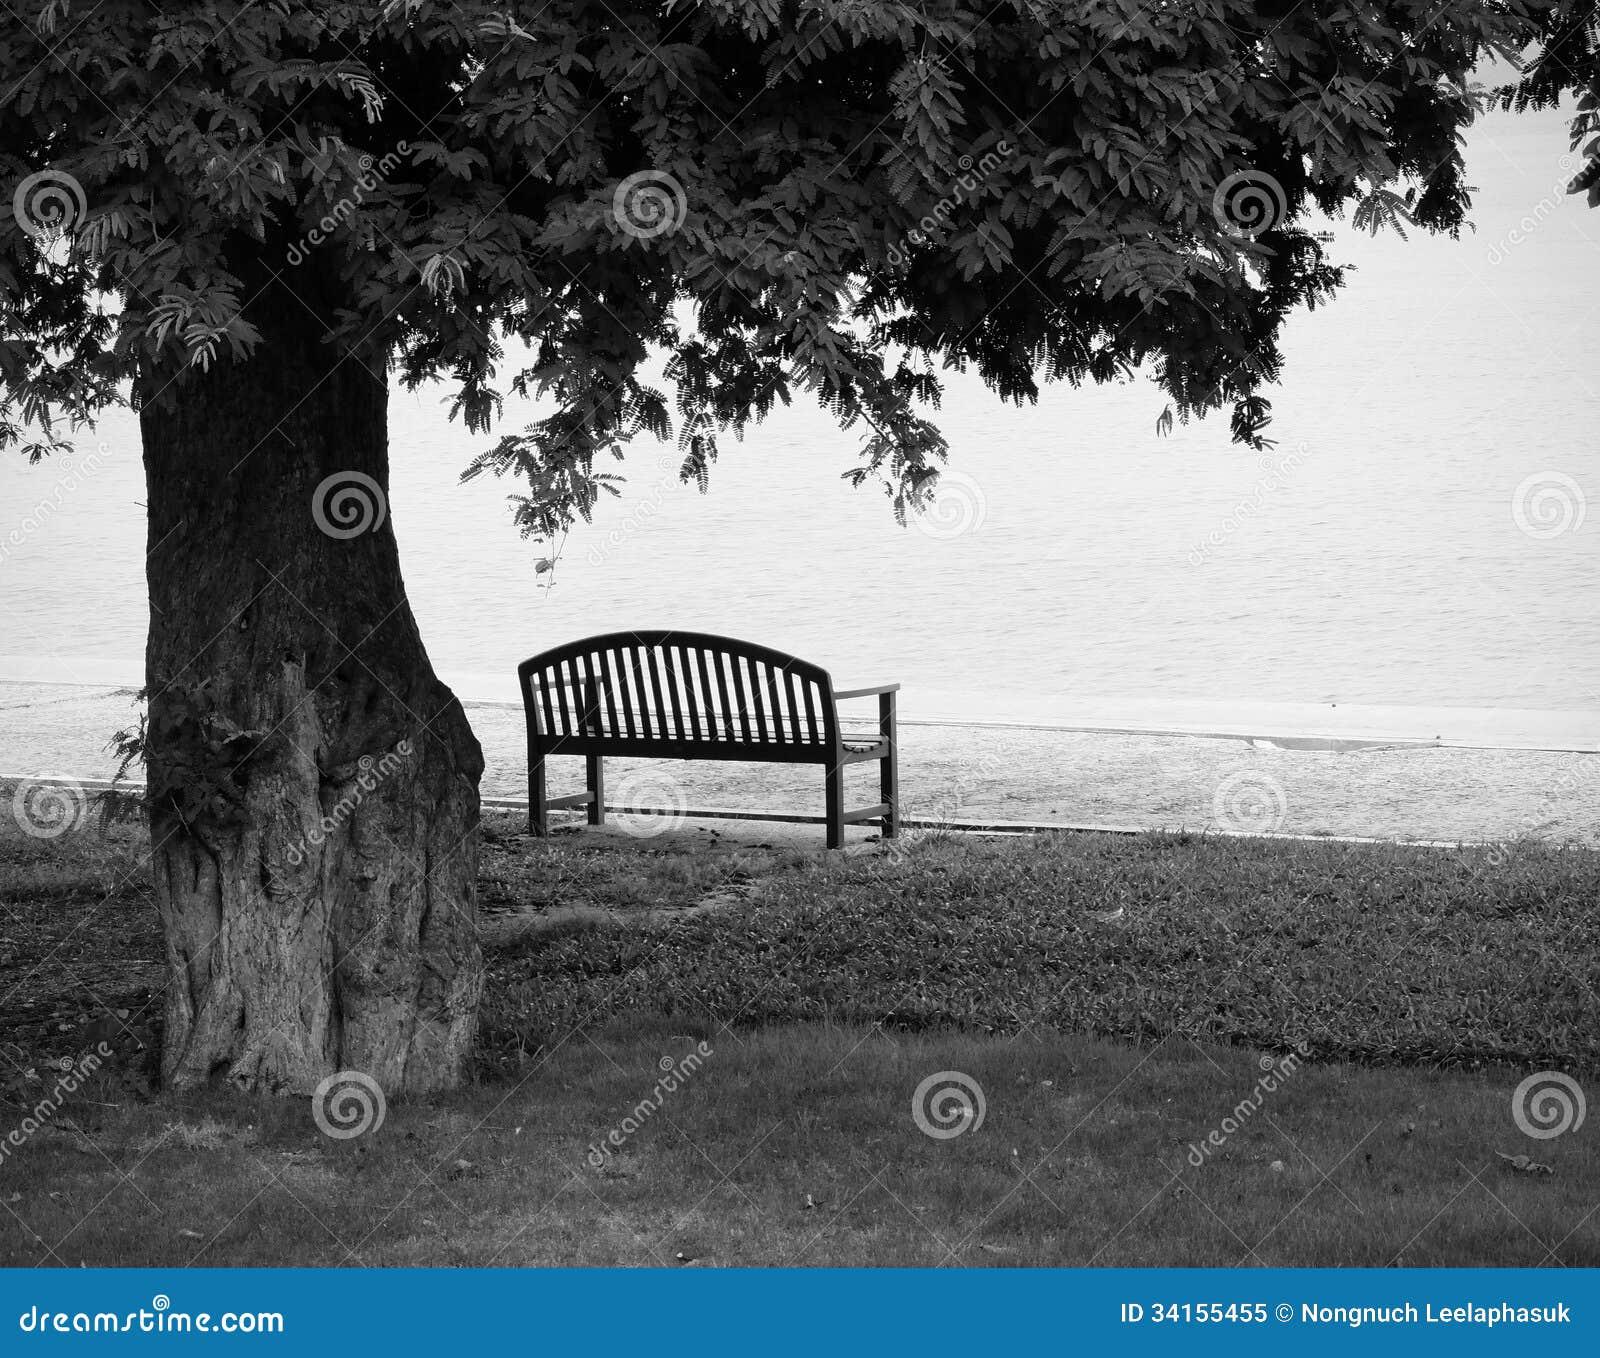 banc de parc isol en noir et blanc photo libre de droits image 34155455. Black Bedroom Furniture Sets. Home Design Ideas